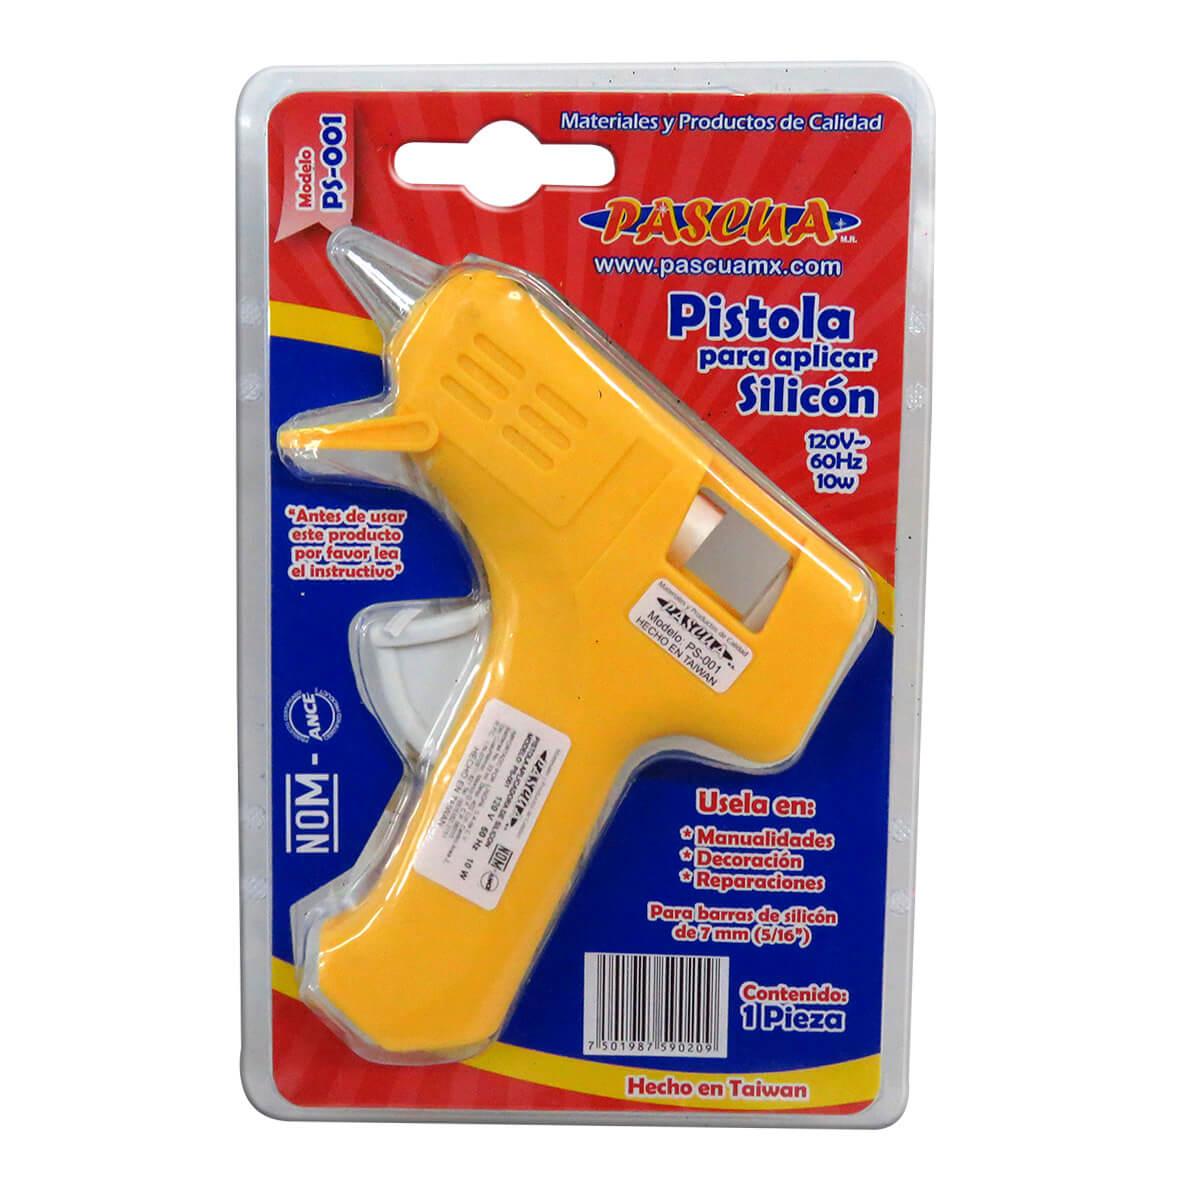 Pistolas de silicon creaciones pascua for Pistola de pegamento o de silicona